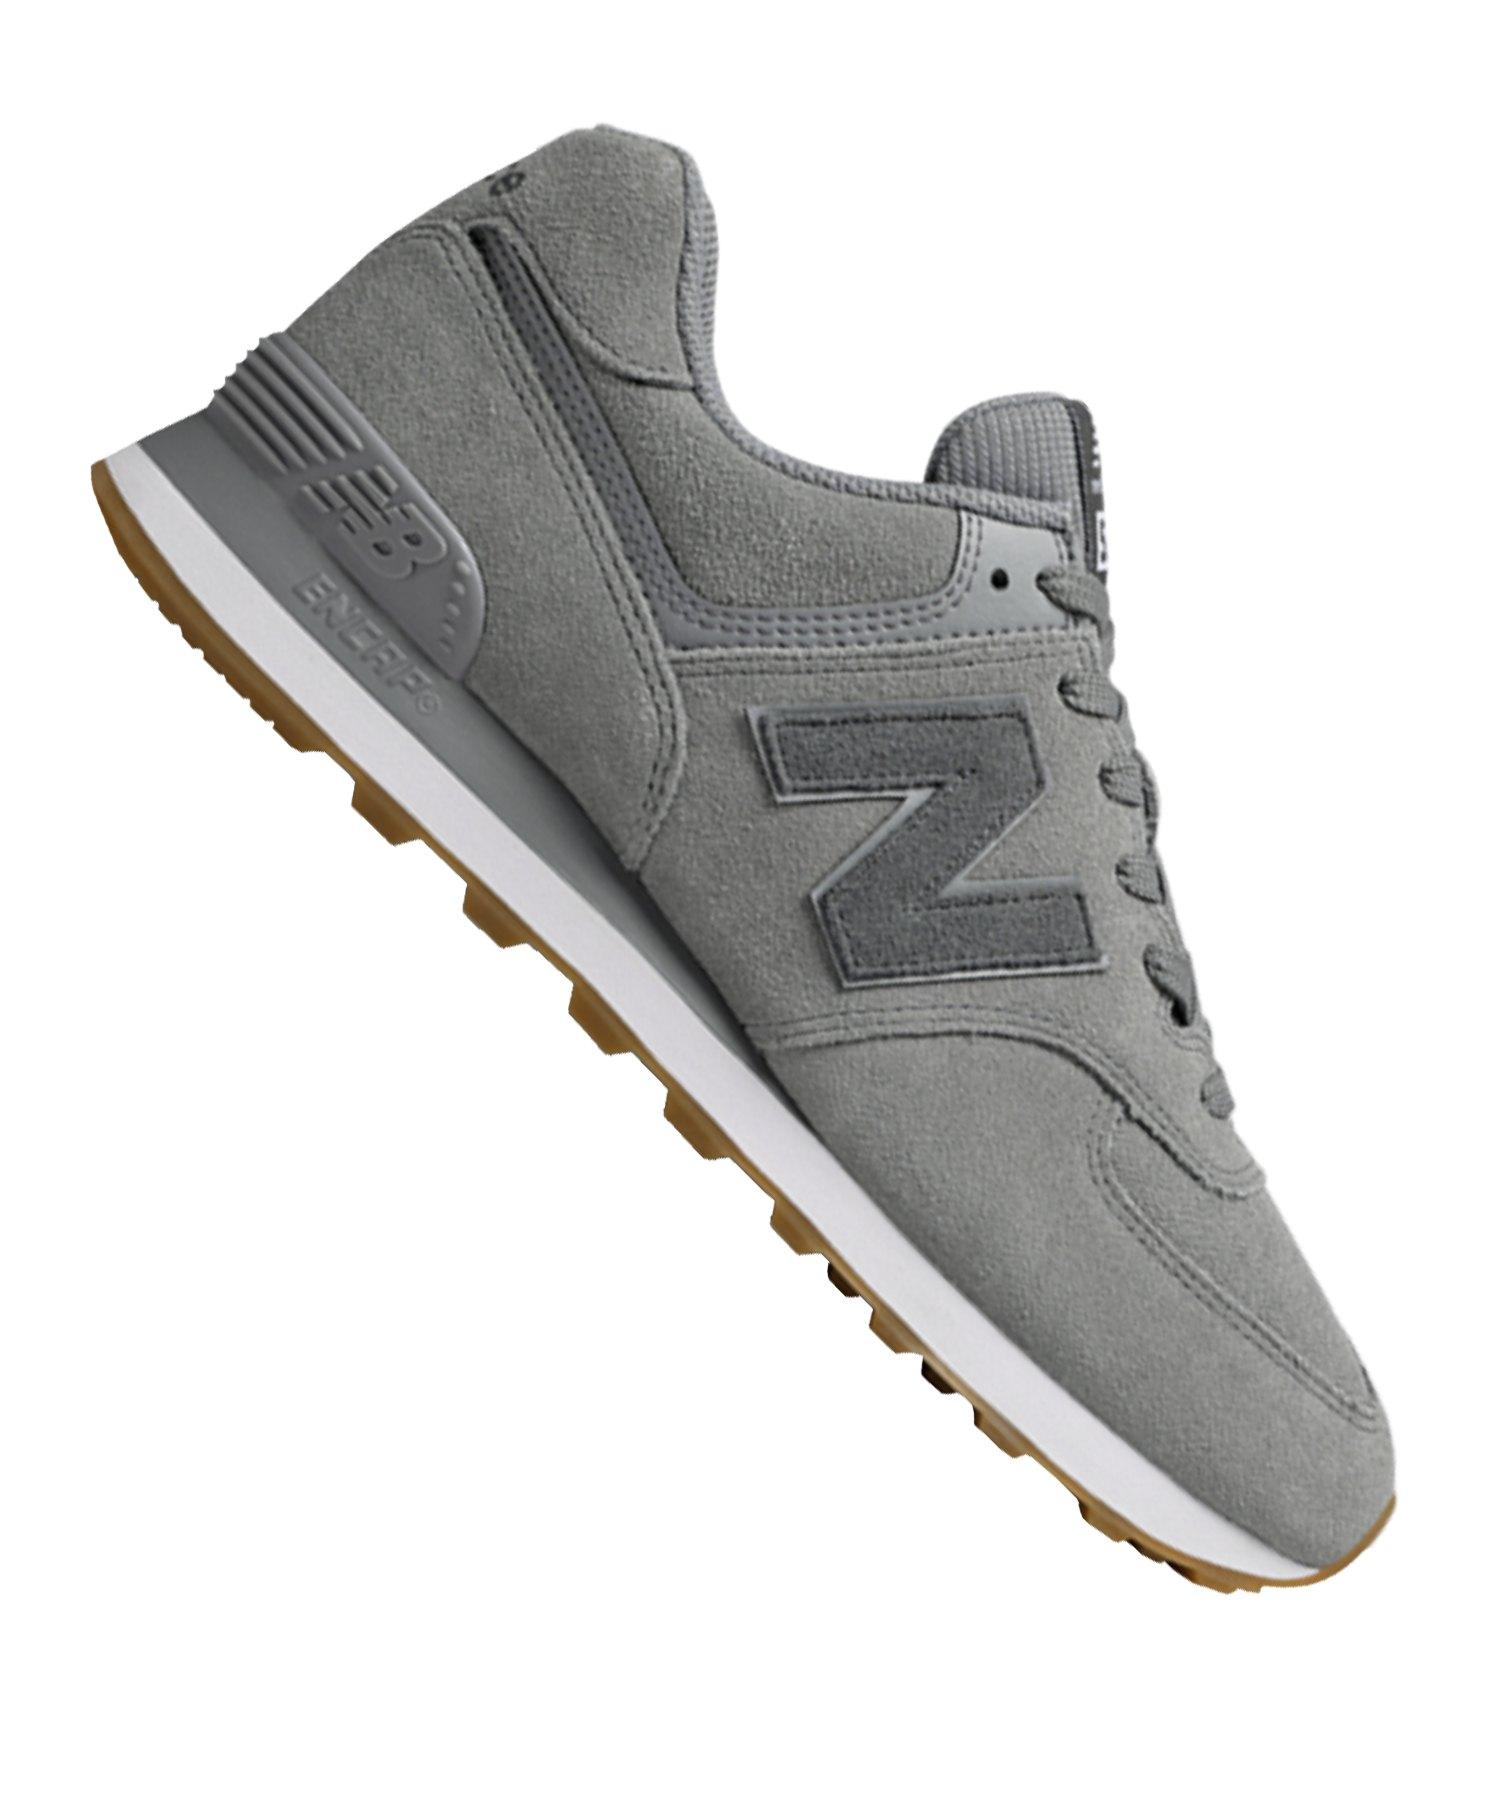 besserer Preis offizieller Verkauf Infos für New Balance ML574 D Sneaker Leder Grau F12